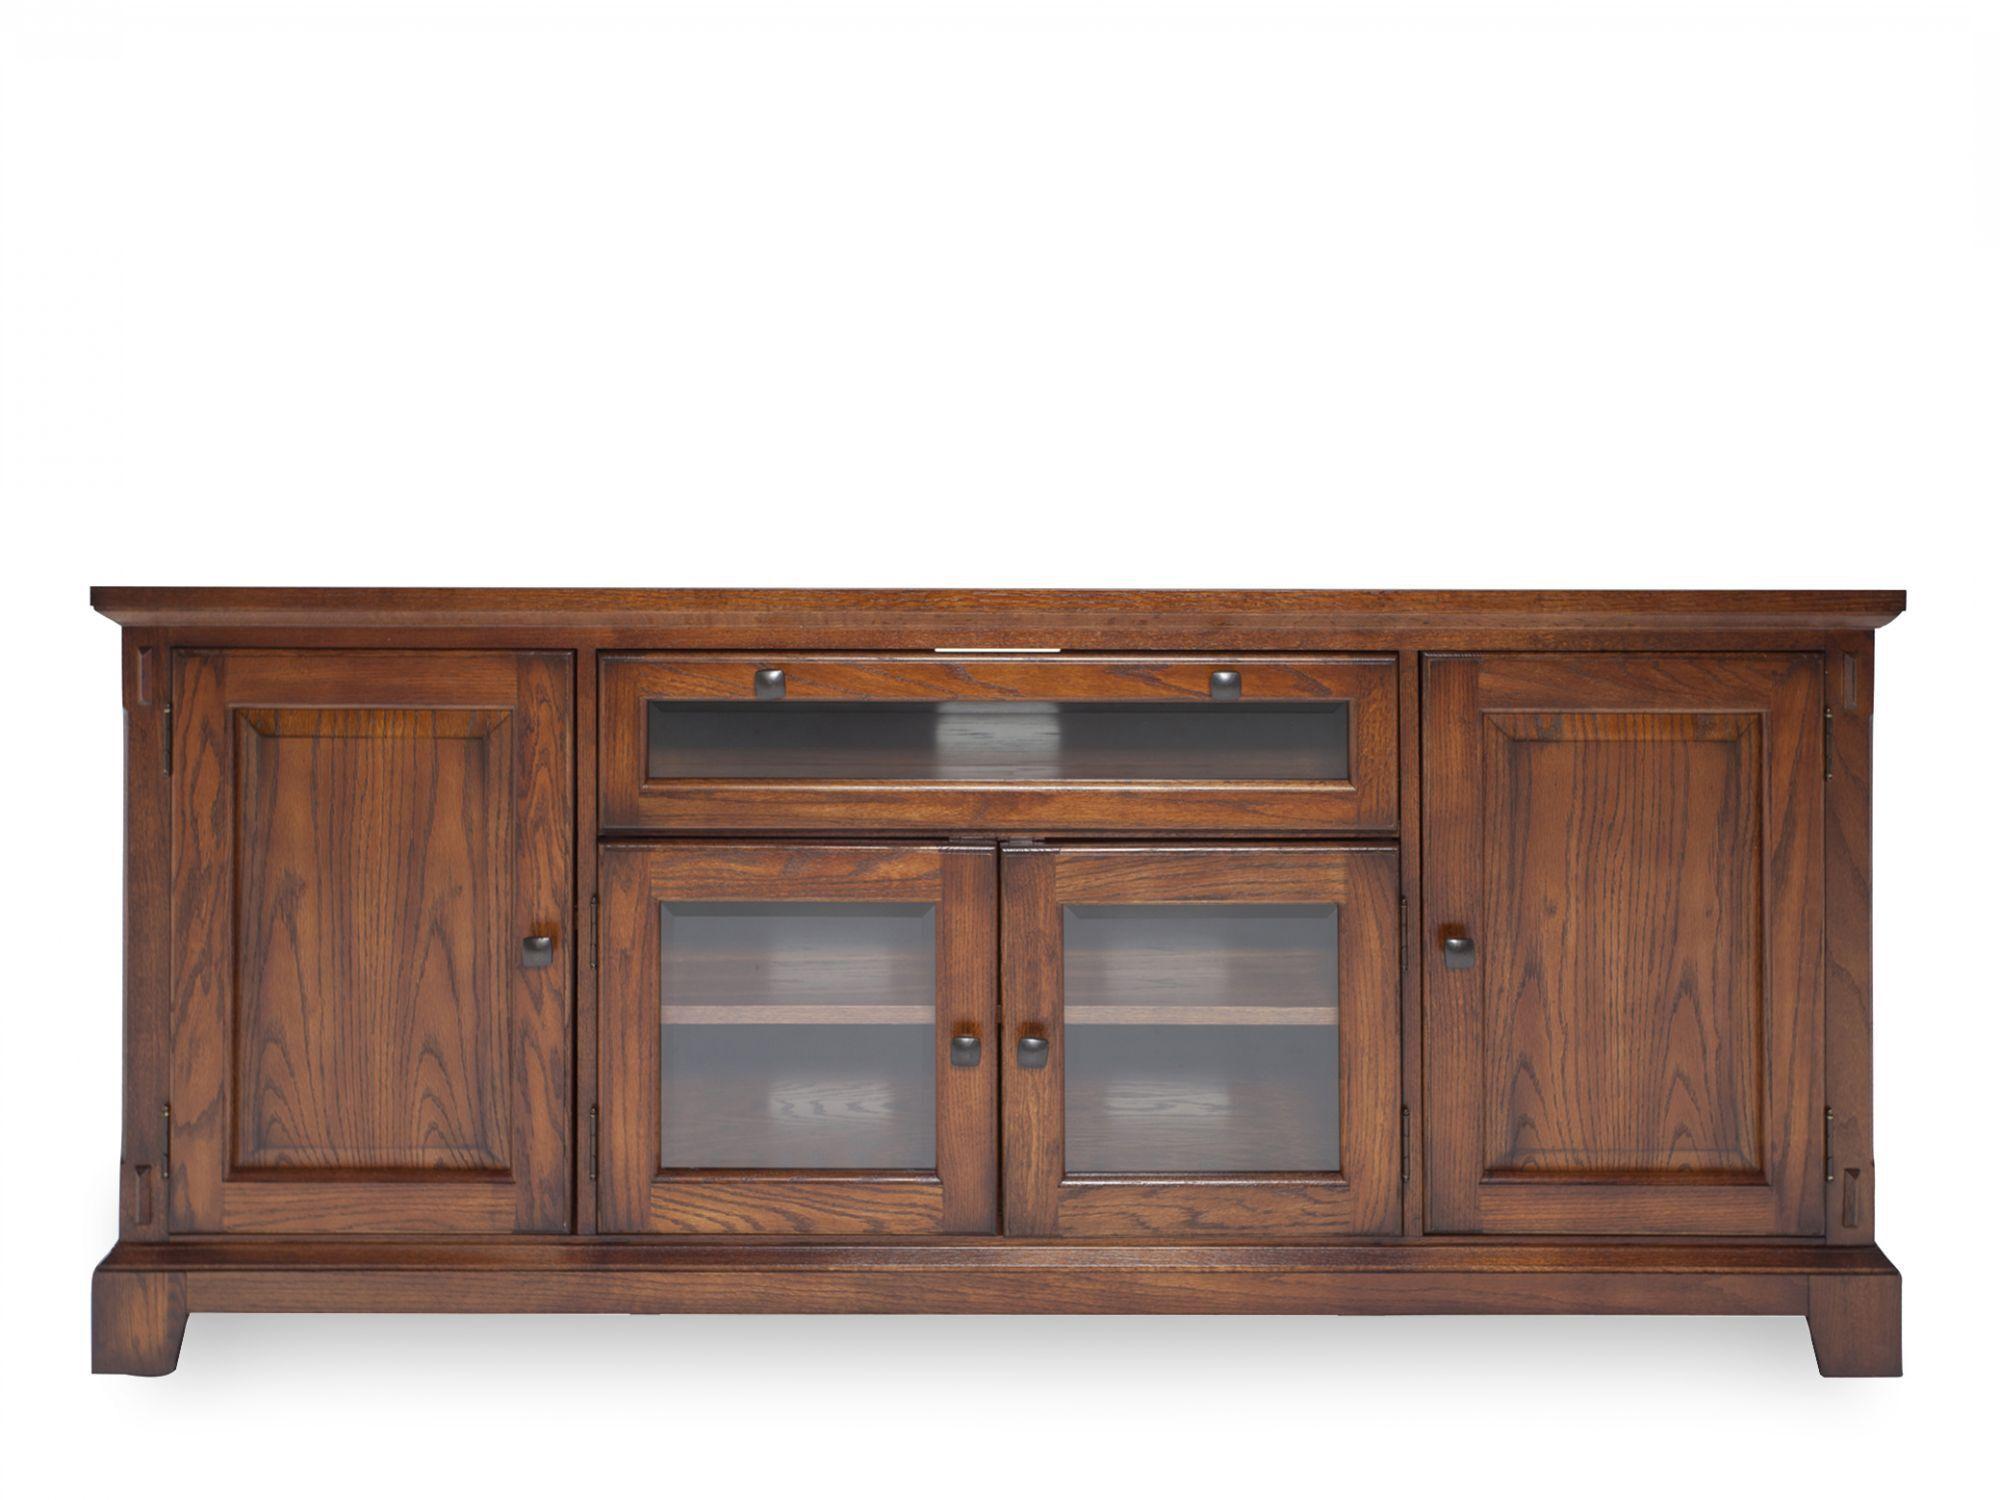 Images 32u0026quot; Glass Door Media Console In Oak 32u0026quot; Glass Door Media  Console In Oak